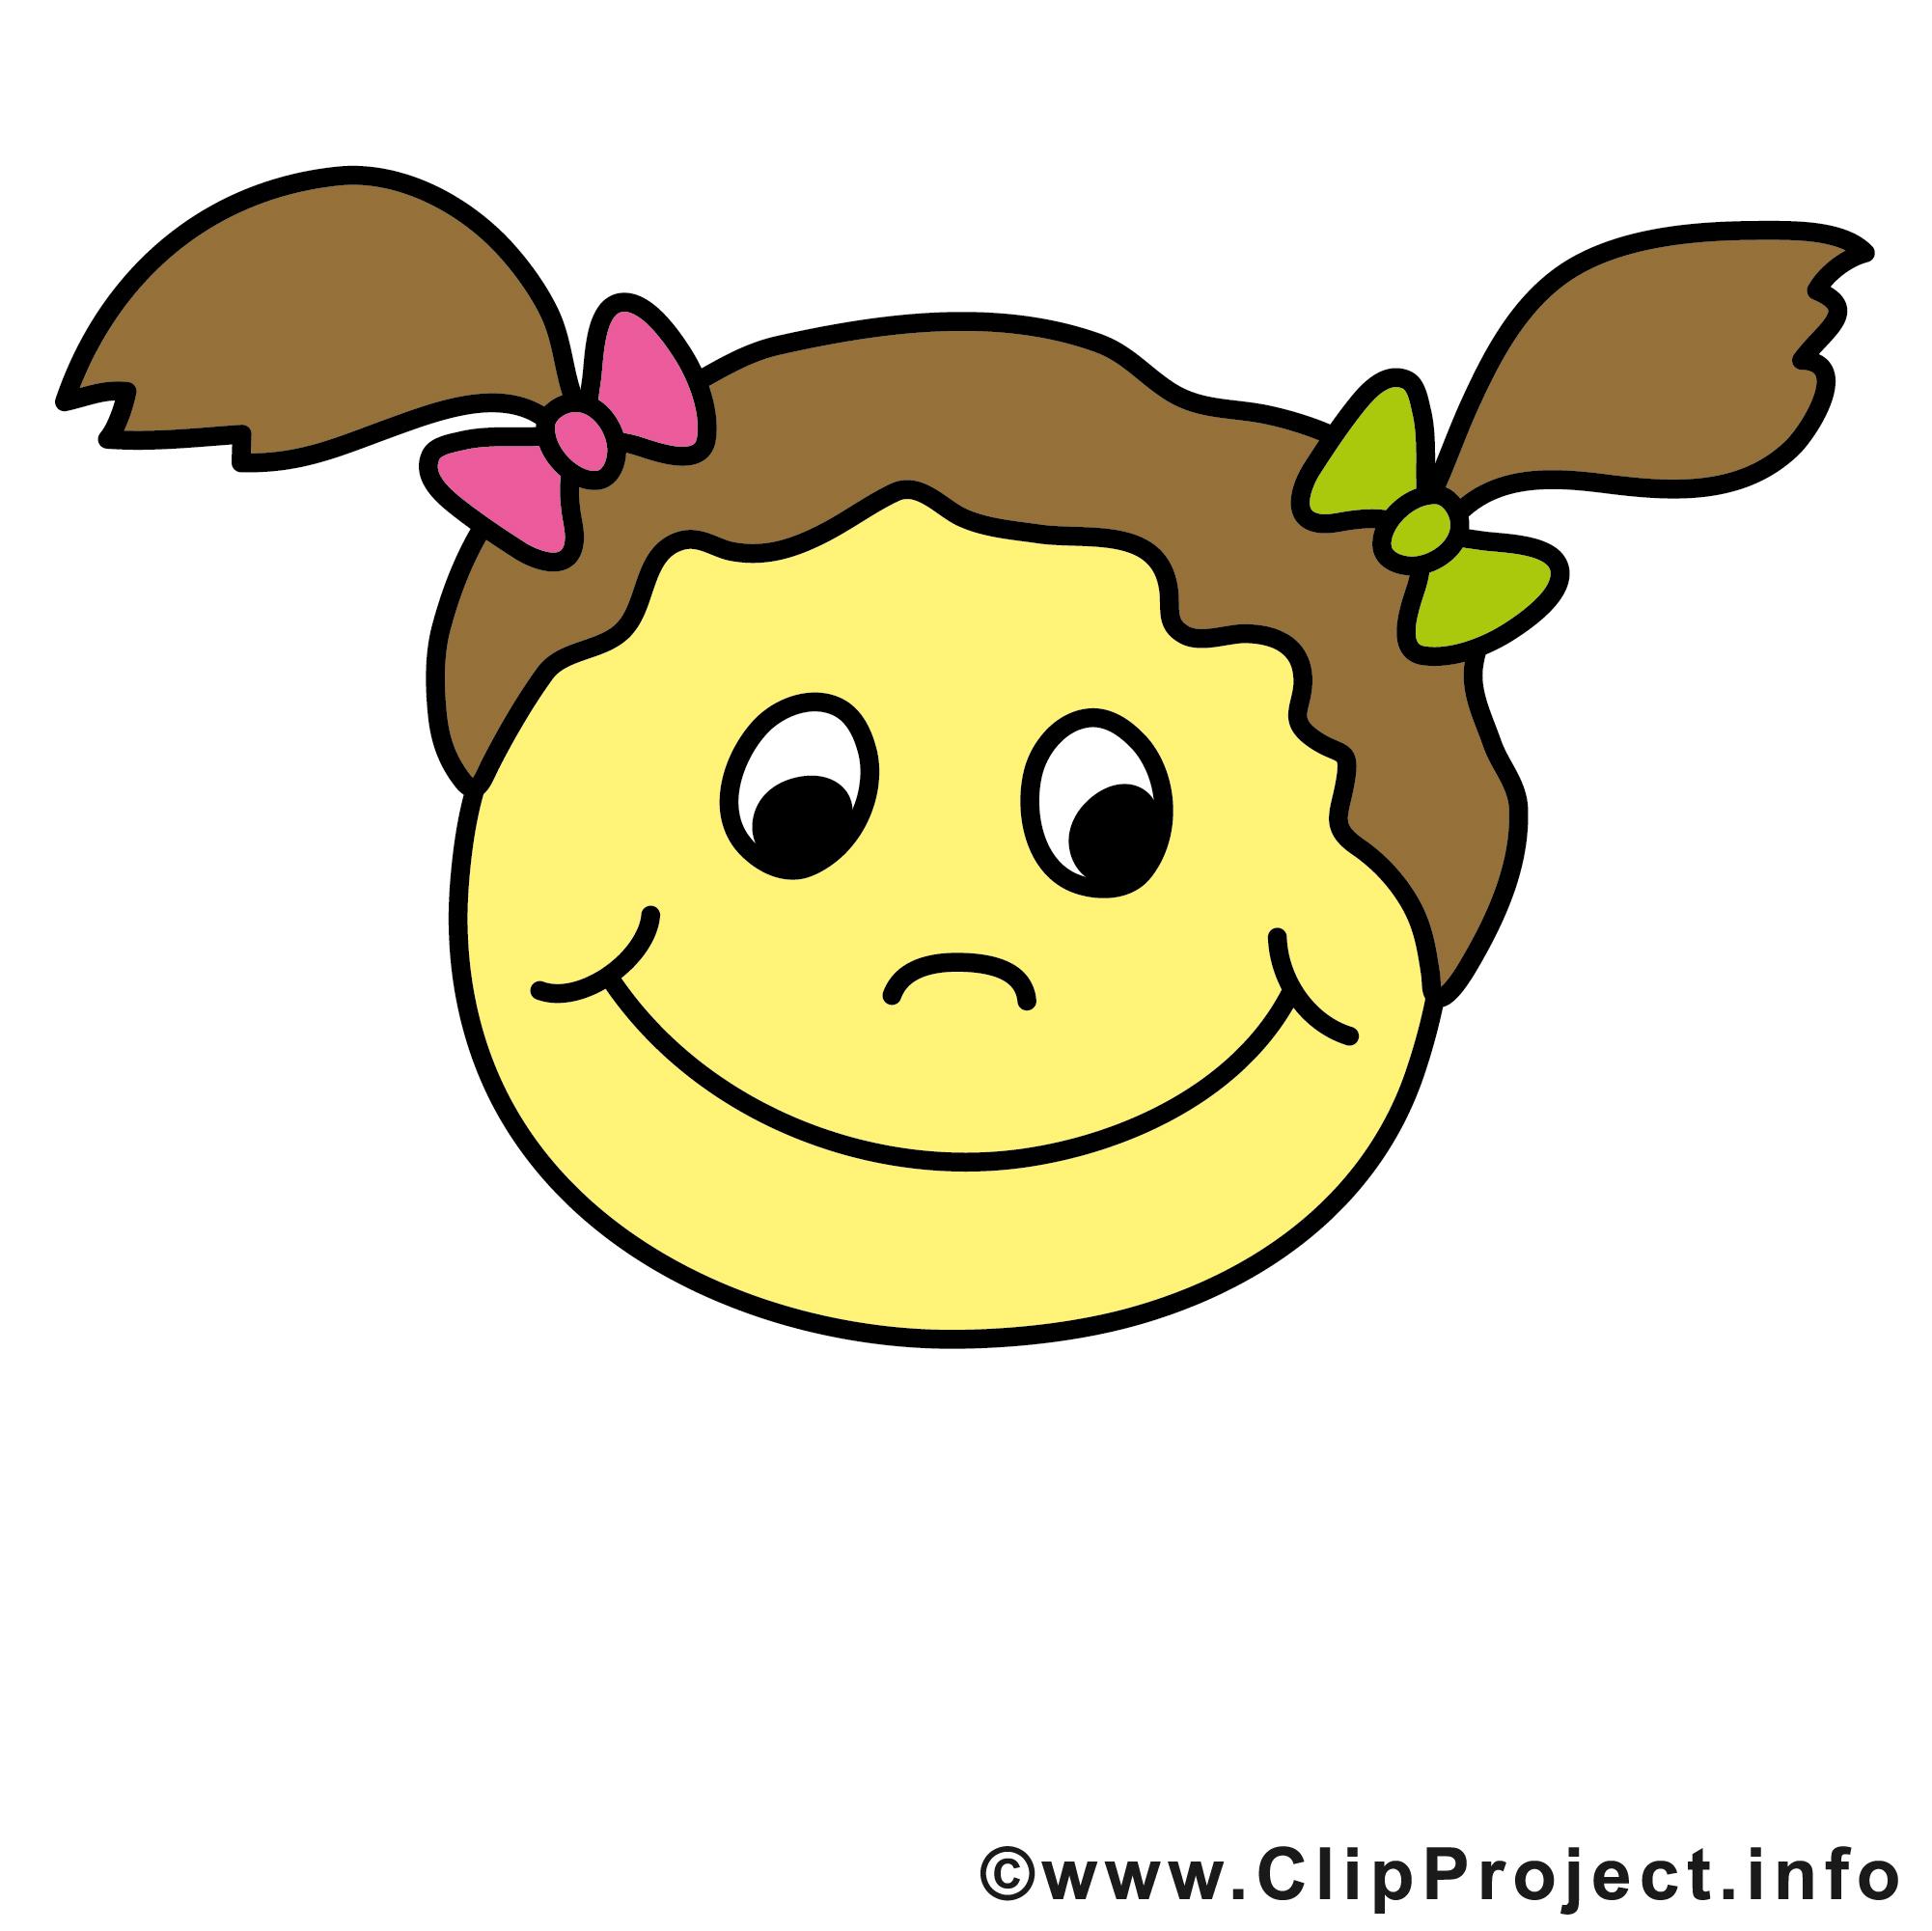 Fille smiley clipart gratuit smileys dessin picture - Image smiley gratuit ...